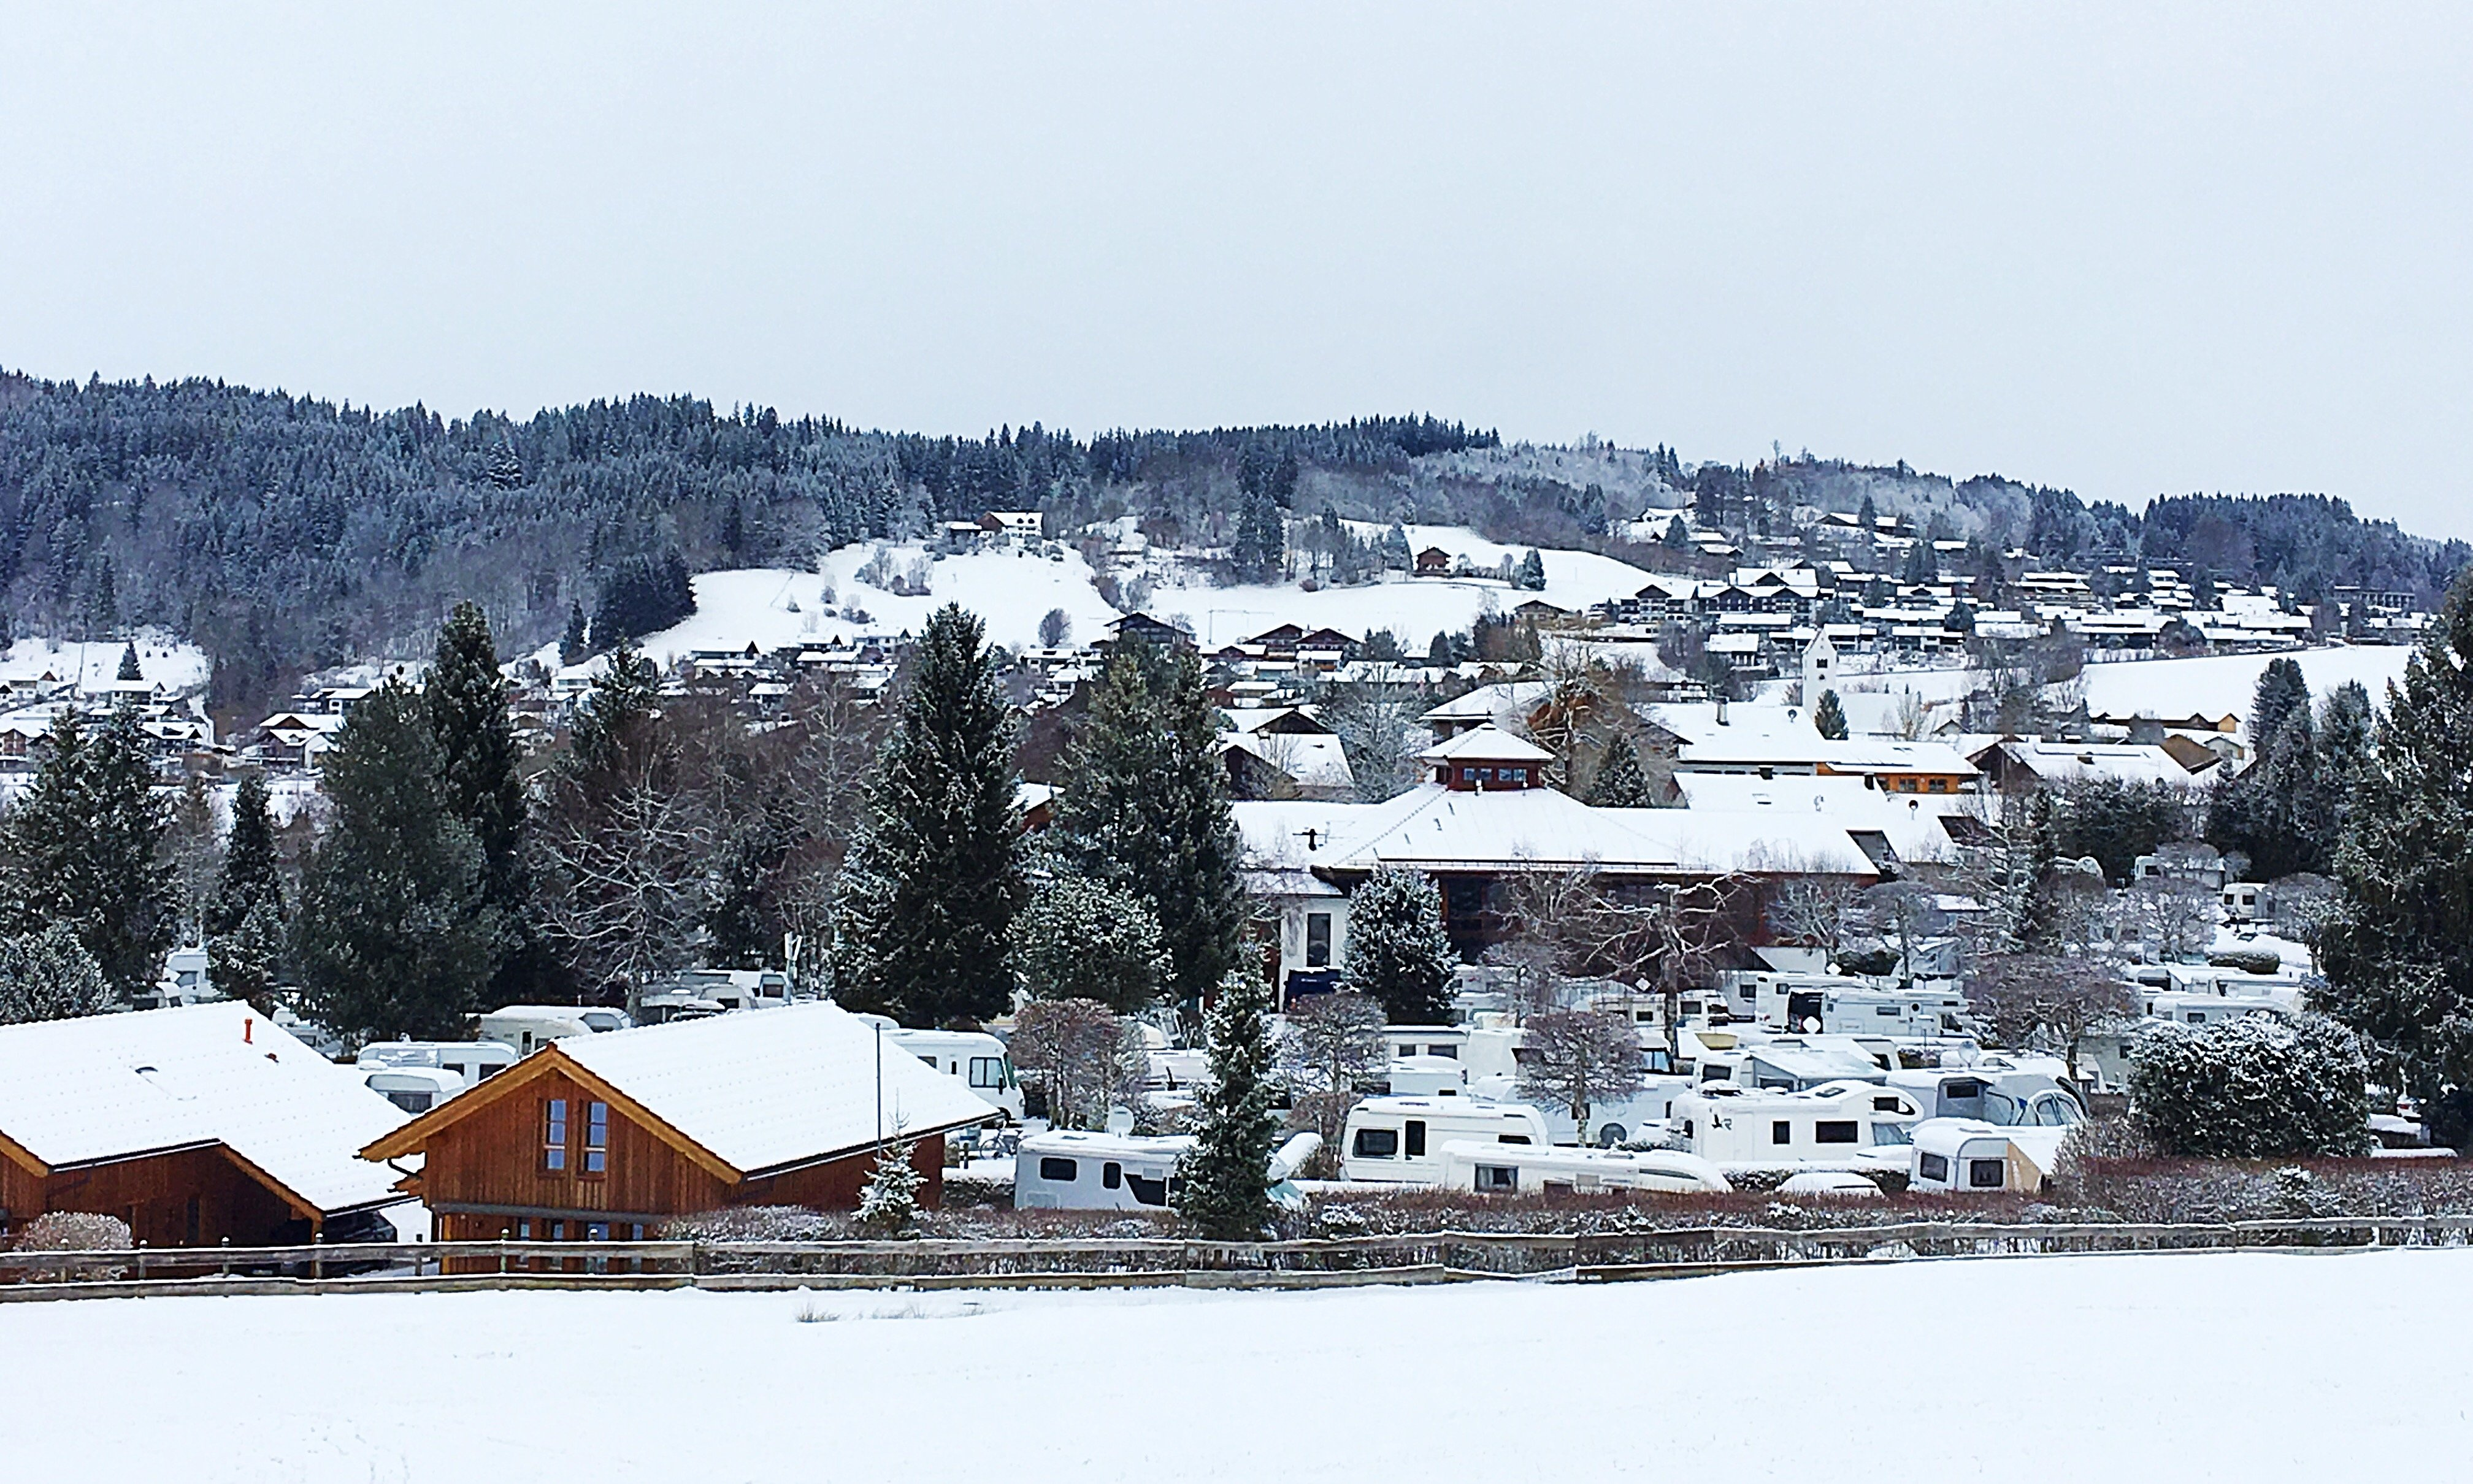 Foto 12.02.18 10 02 03 - Camping Hopfensee - Ein Campingplatz für Familien